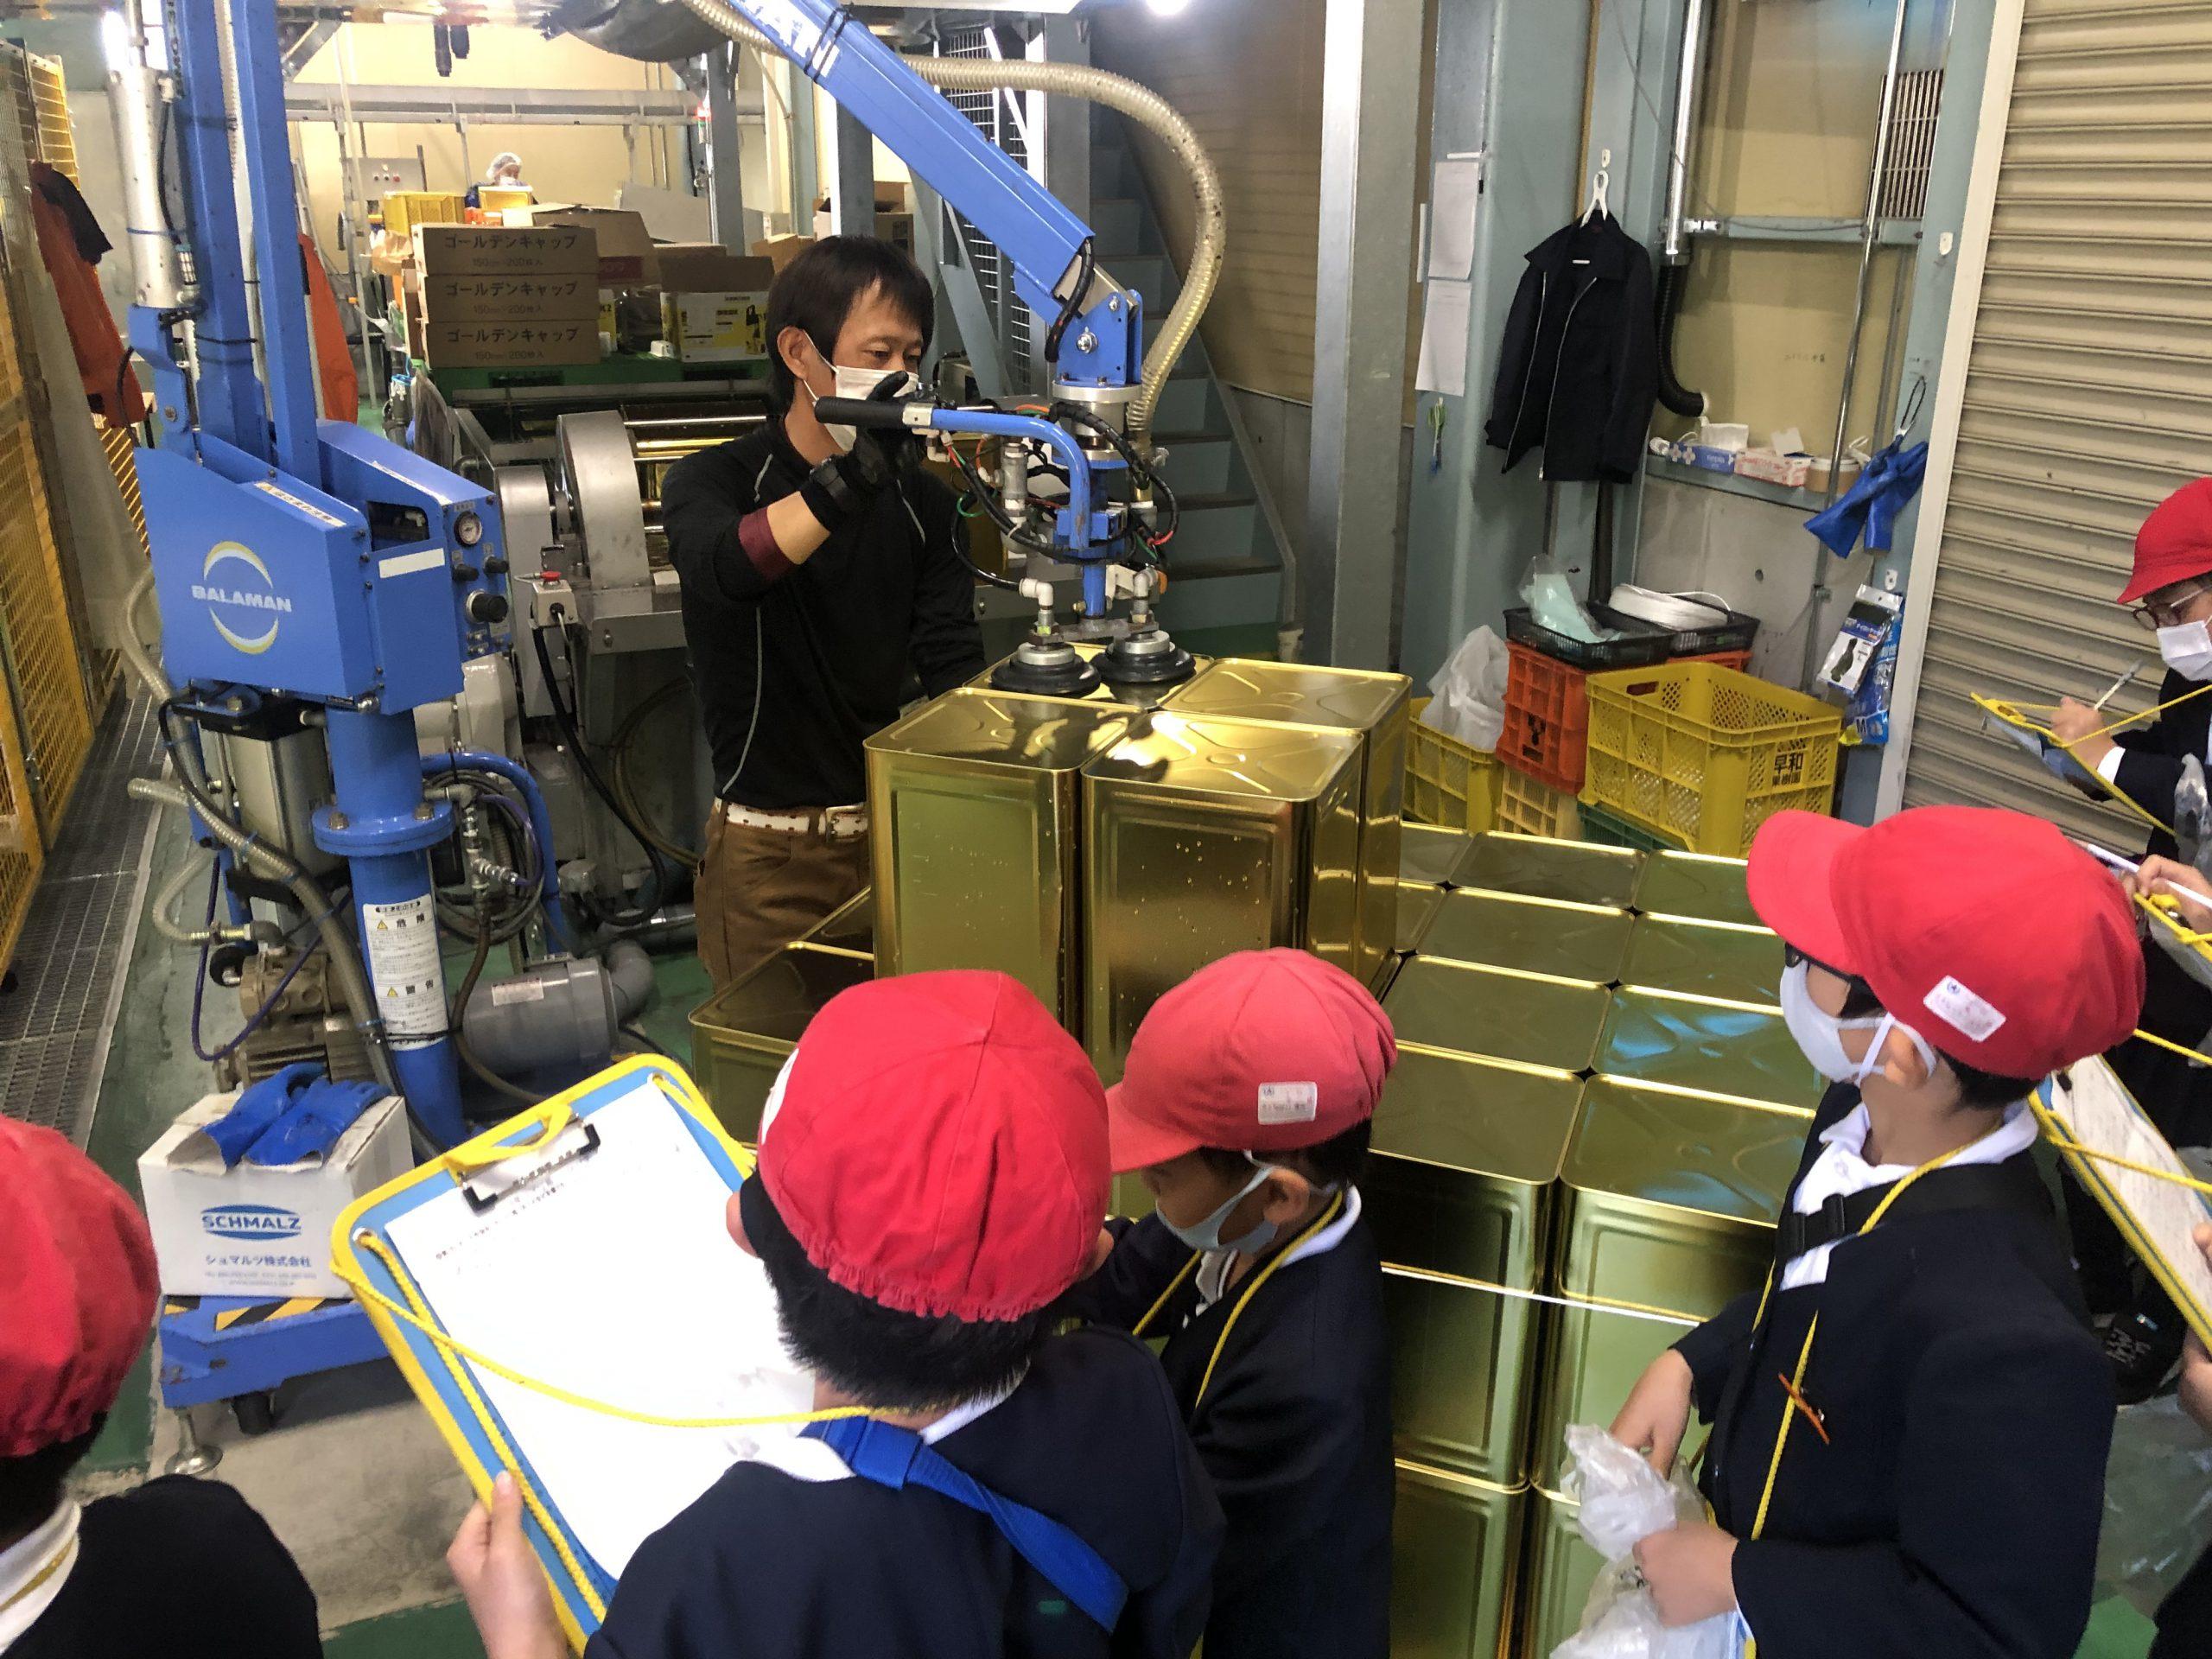 一斗缶に充填されたジュースを機械を使って移動、積み上げの様子を見学。